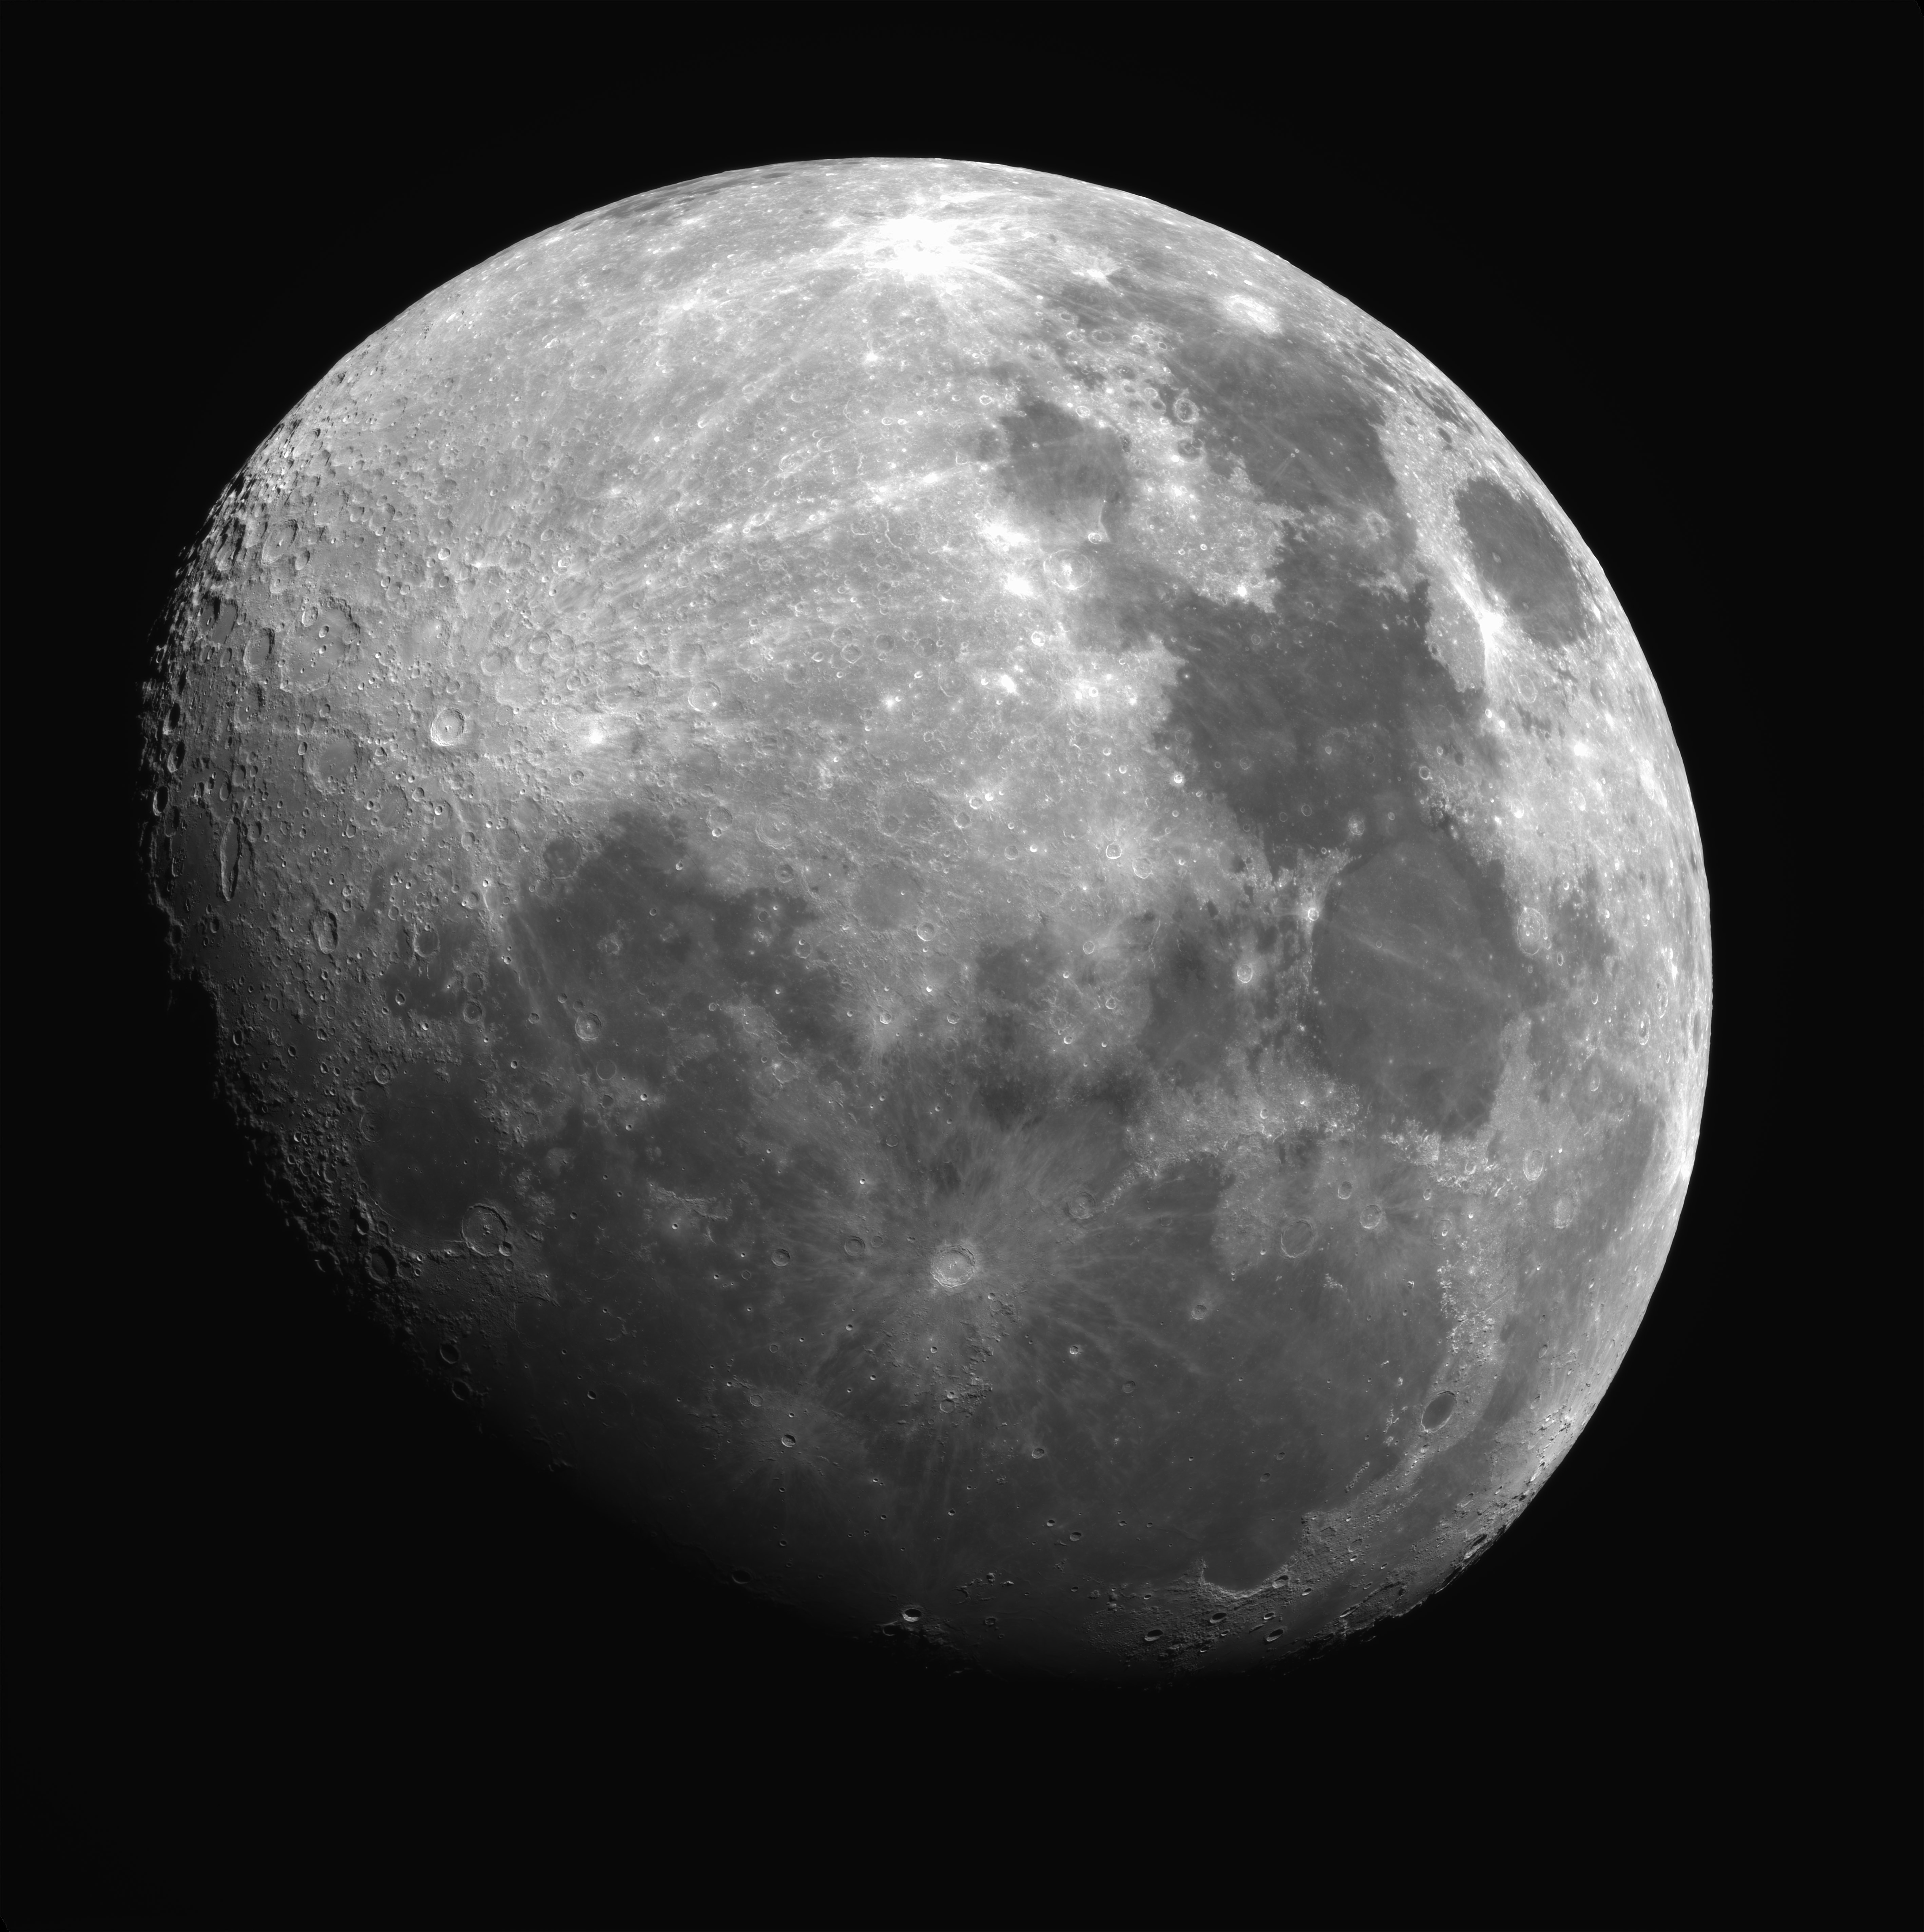 Moon_2021MAR25_20_26_29-2.jpg